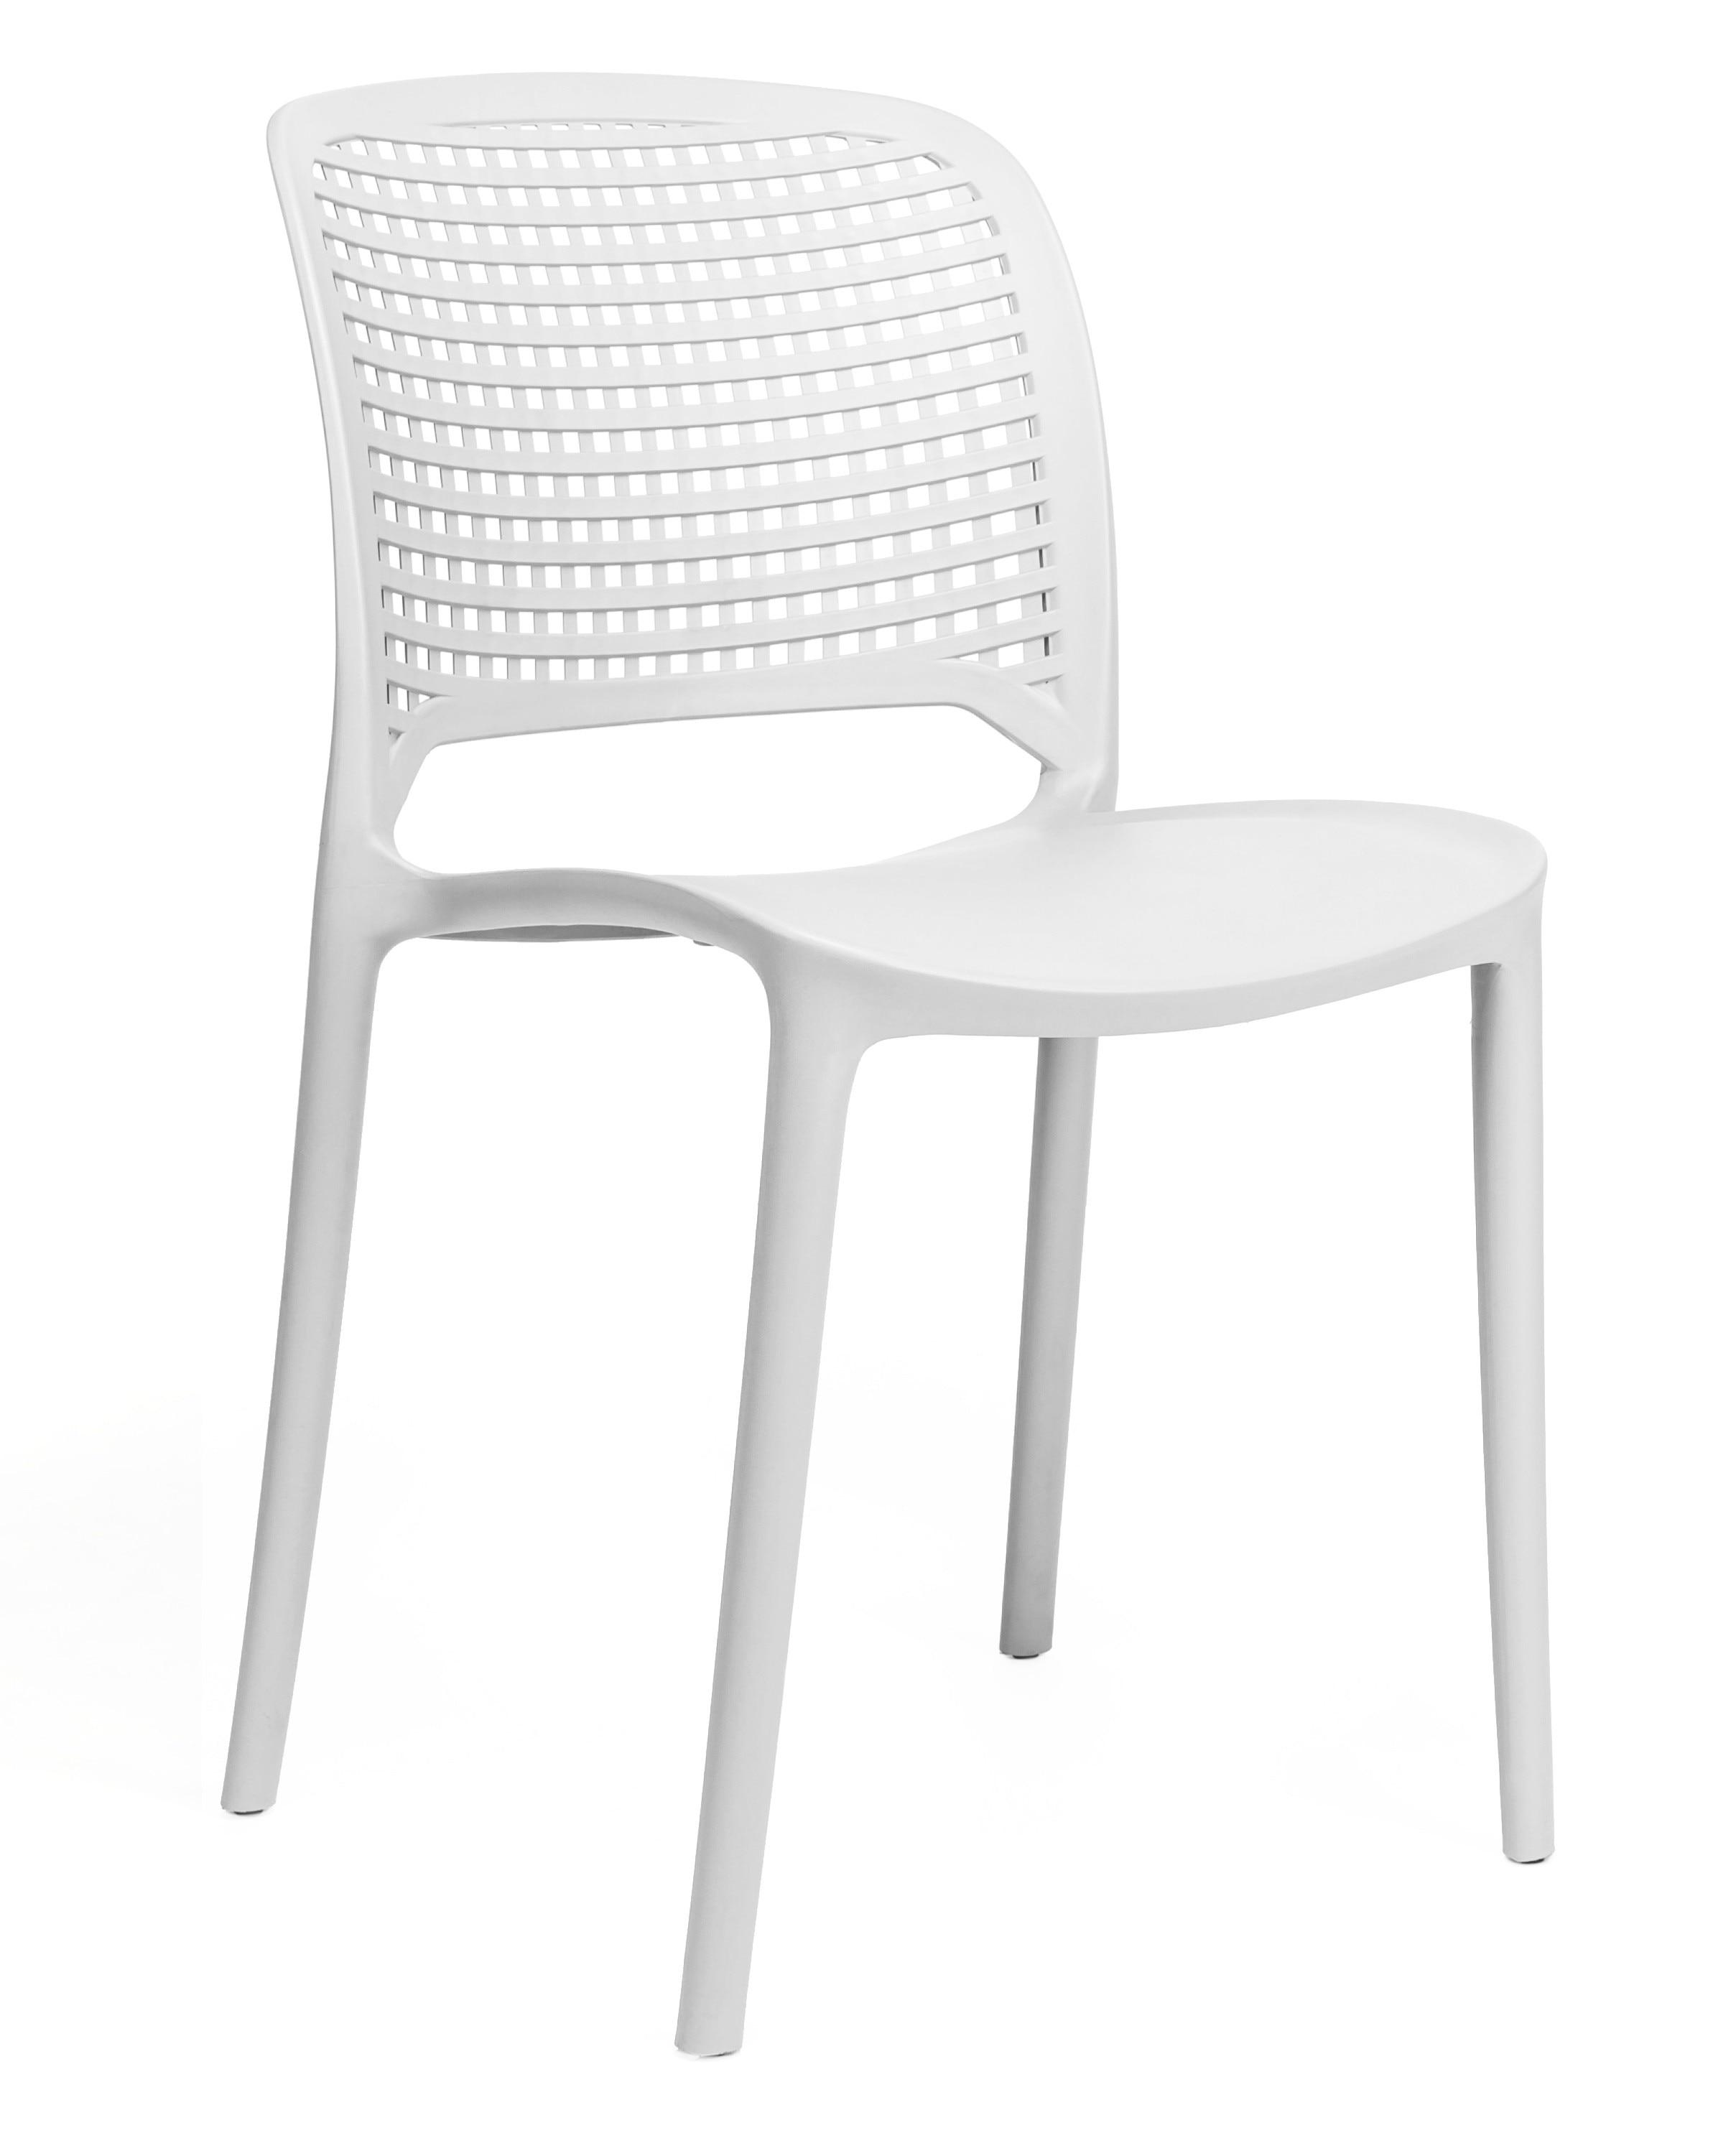 Chair POLYNESIA, Stackable, White Polypropylene